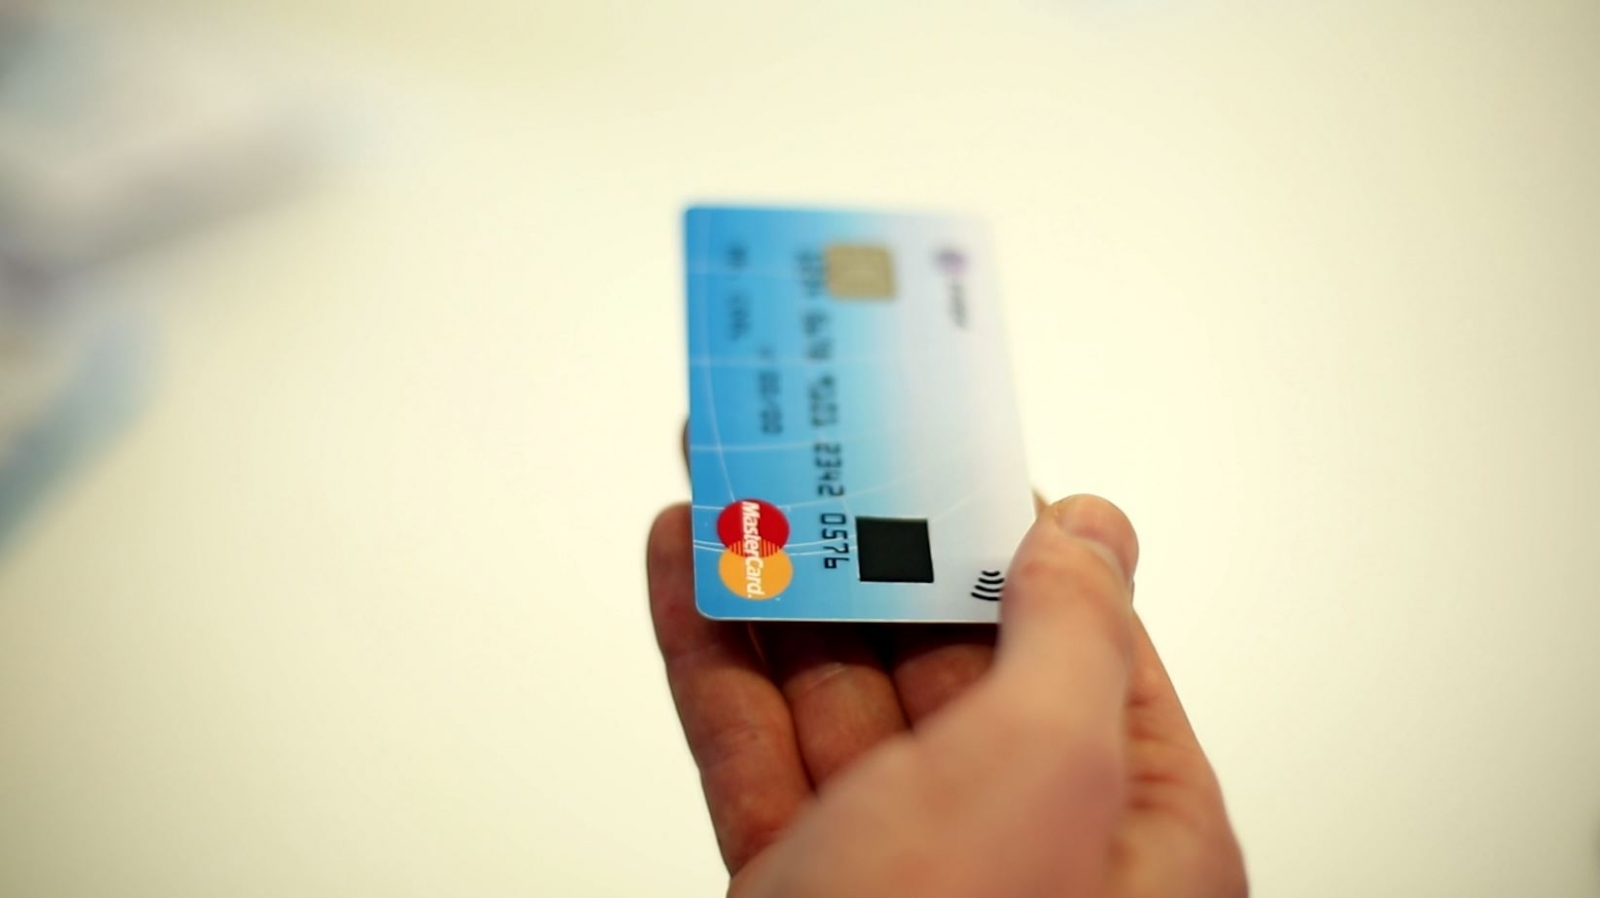 Zwipe et mastercard lancent une carte bancaire r volutionnaire geekattitude - Payer dans 3 mois par carte bancaire ...